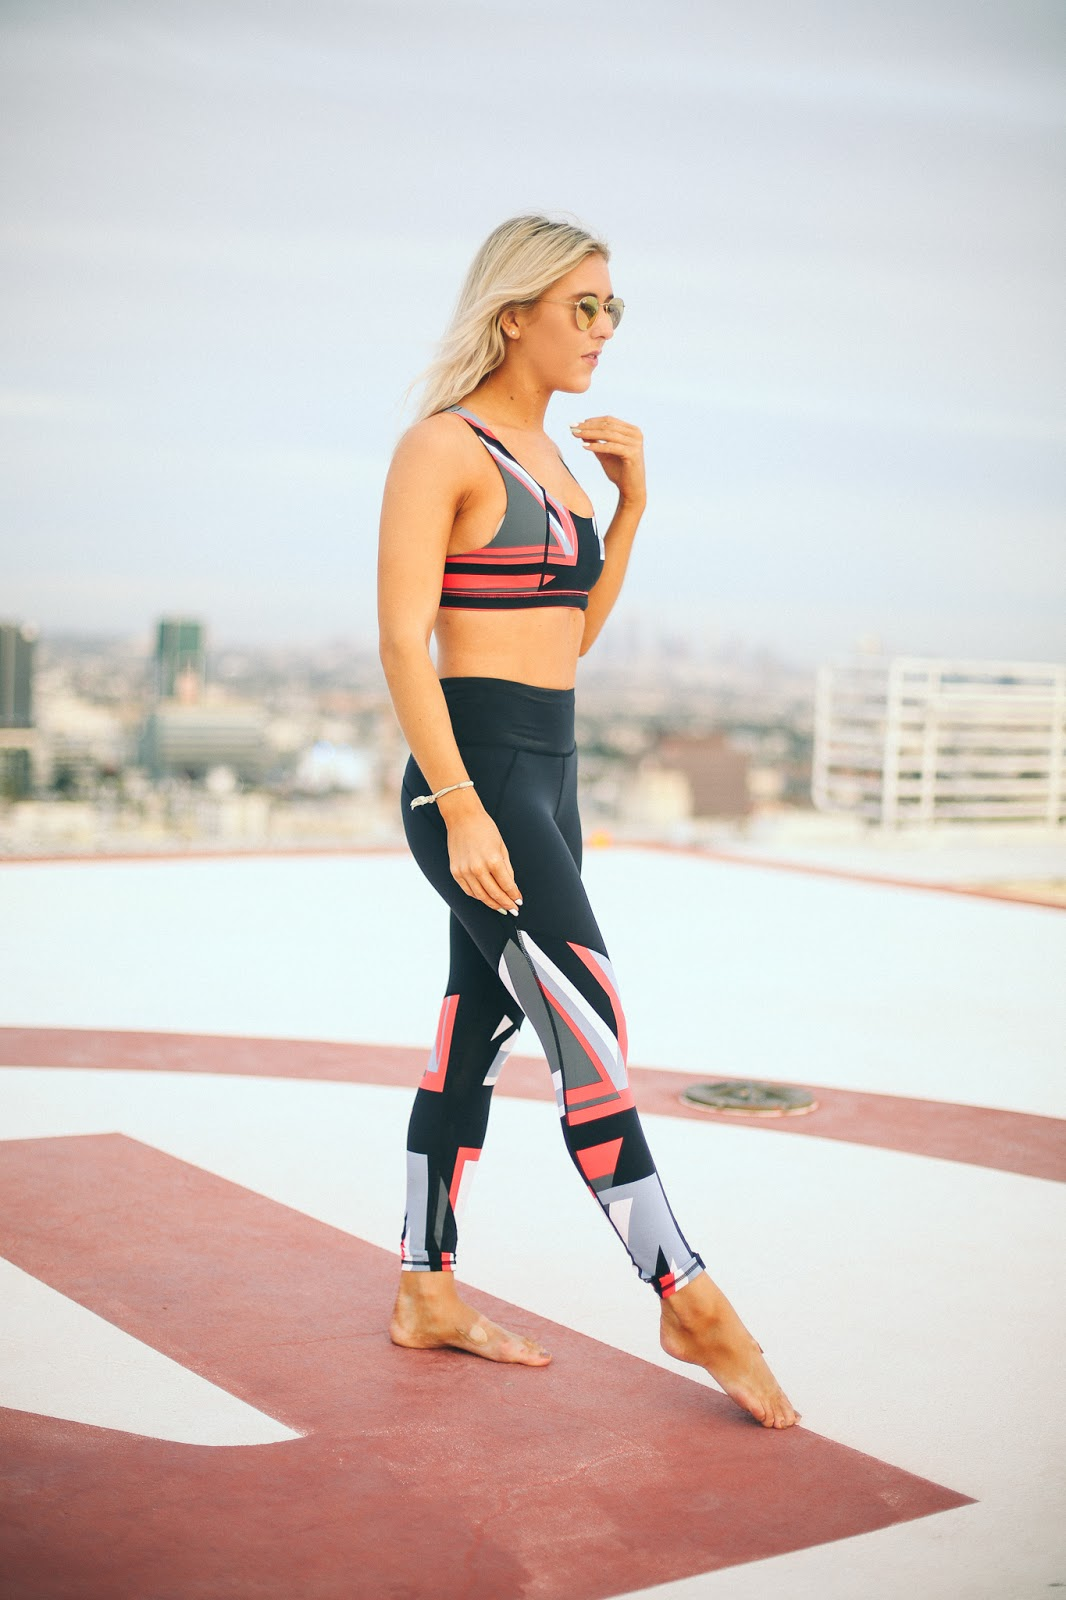 sweaty Betty Union Jack gym kit